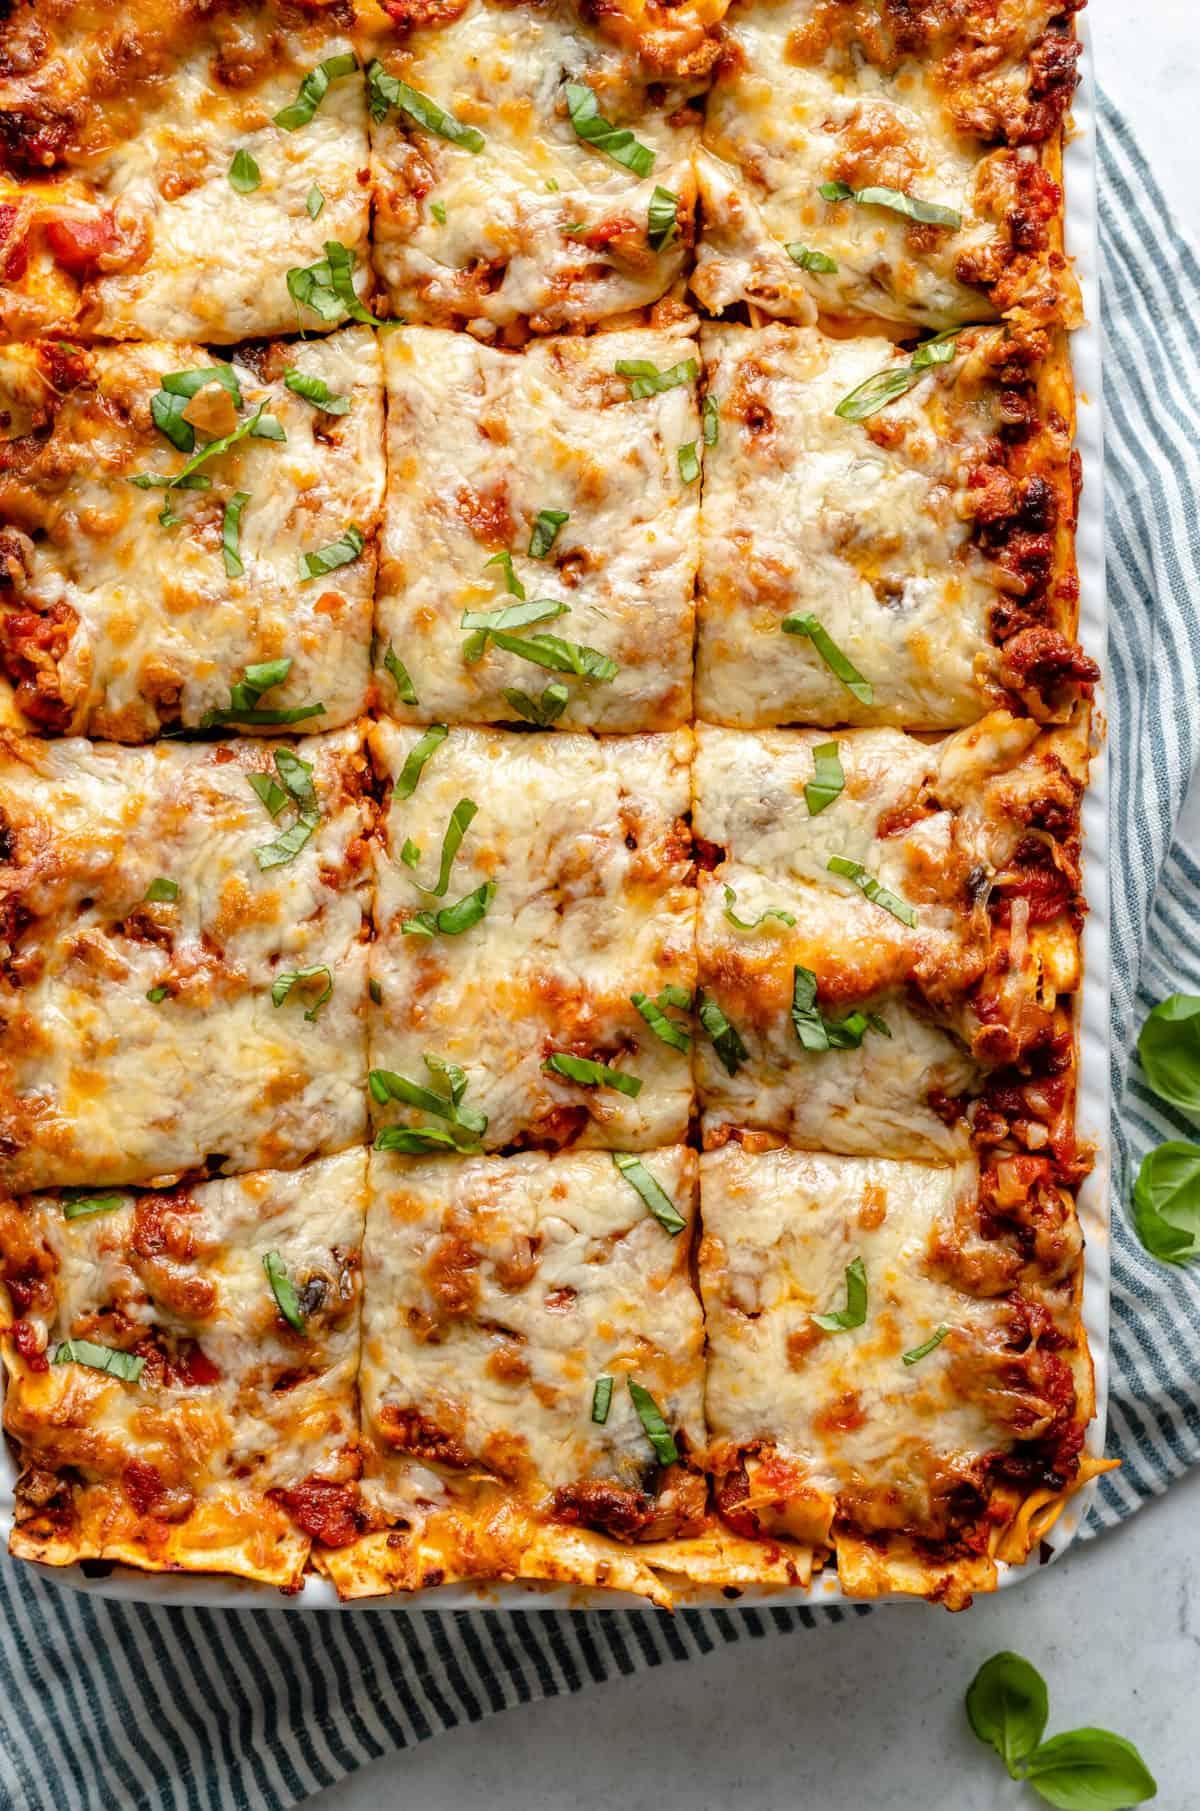 Vegan lasagna cut into squares.